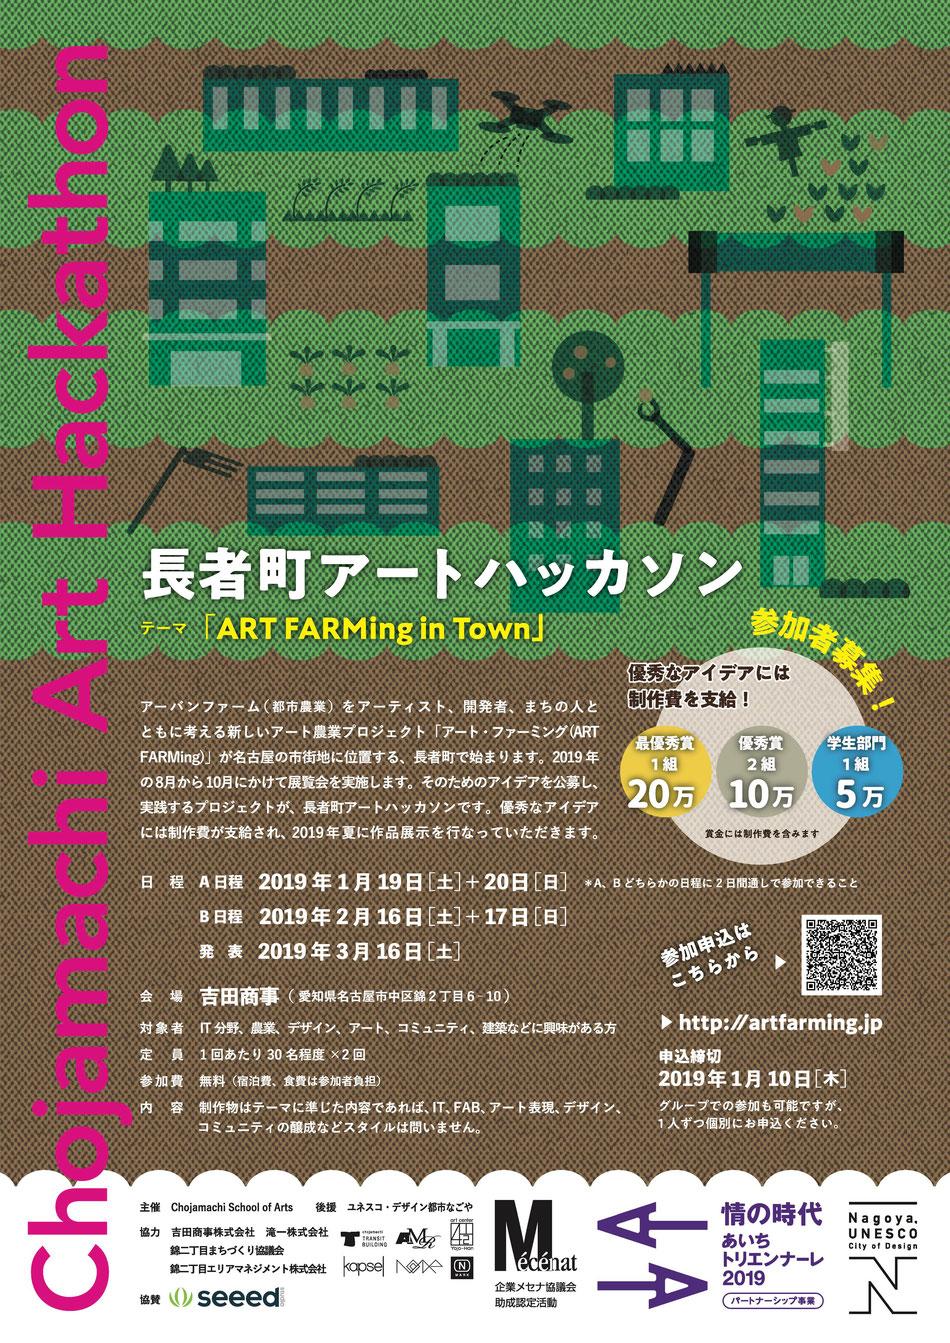 ART FARMingのためのアイデア公募プロジェクト「長者町アートハッカソン」(2019年1月〜3月)